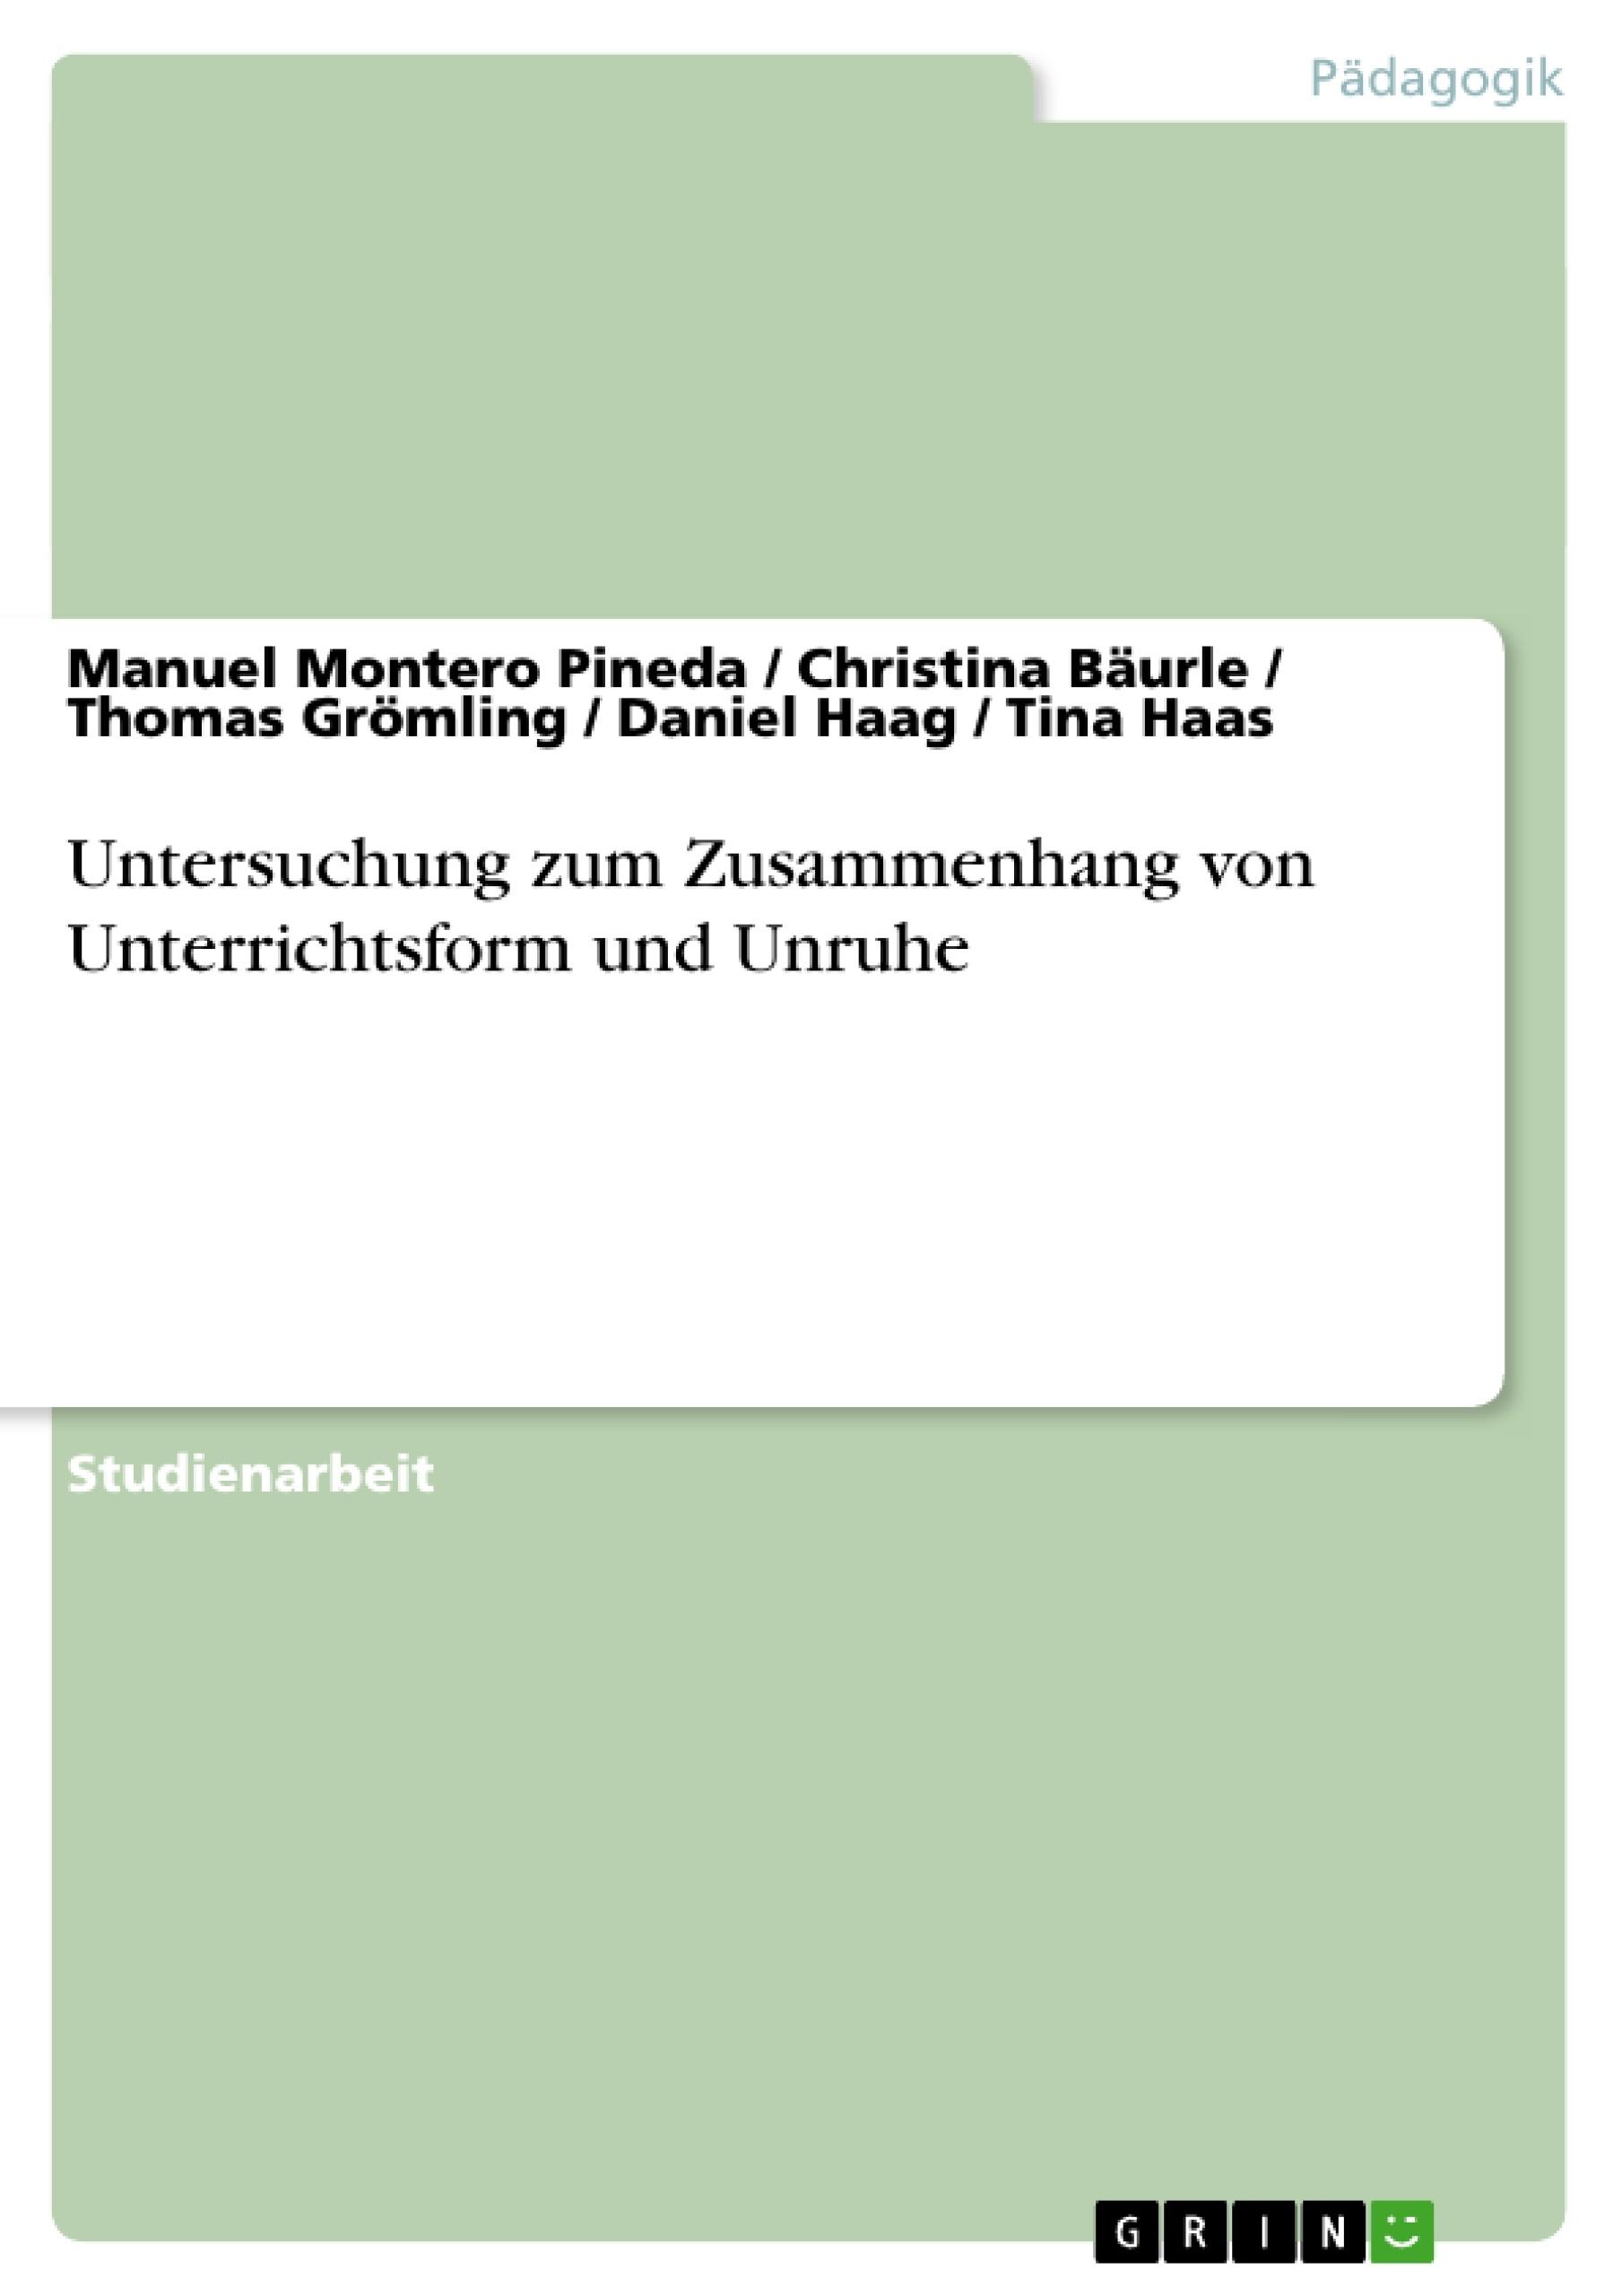 Titel: Untersuchung zum Zusammenhang von Unterrichtsform und Unruhe